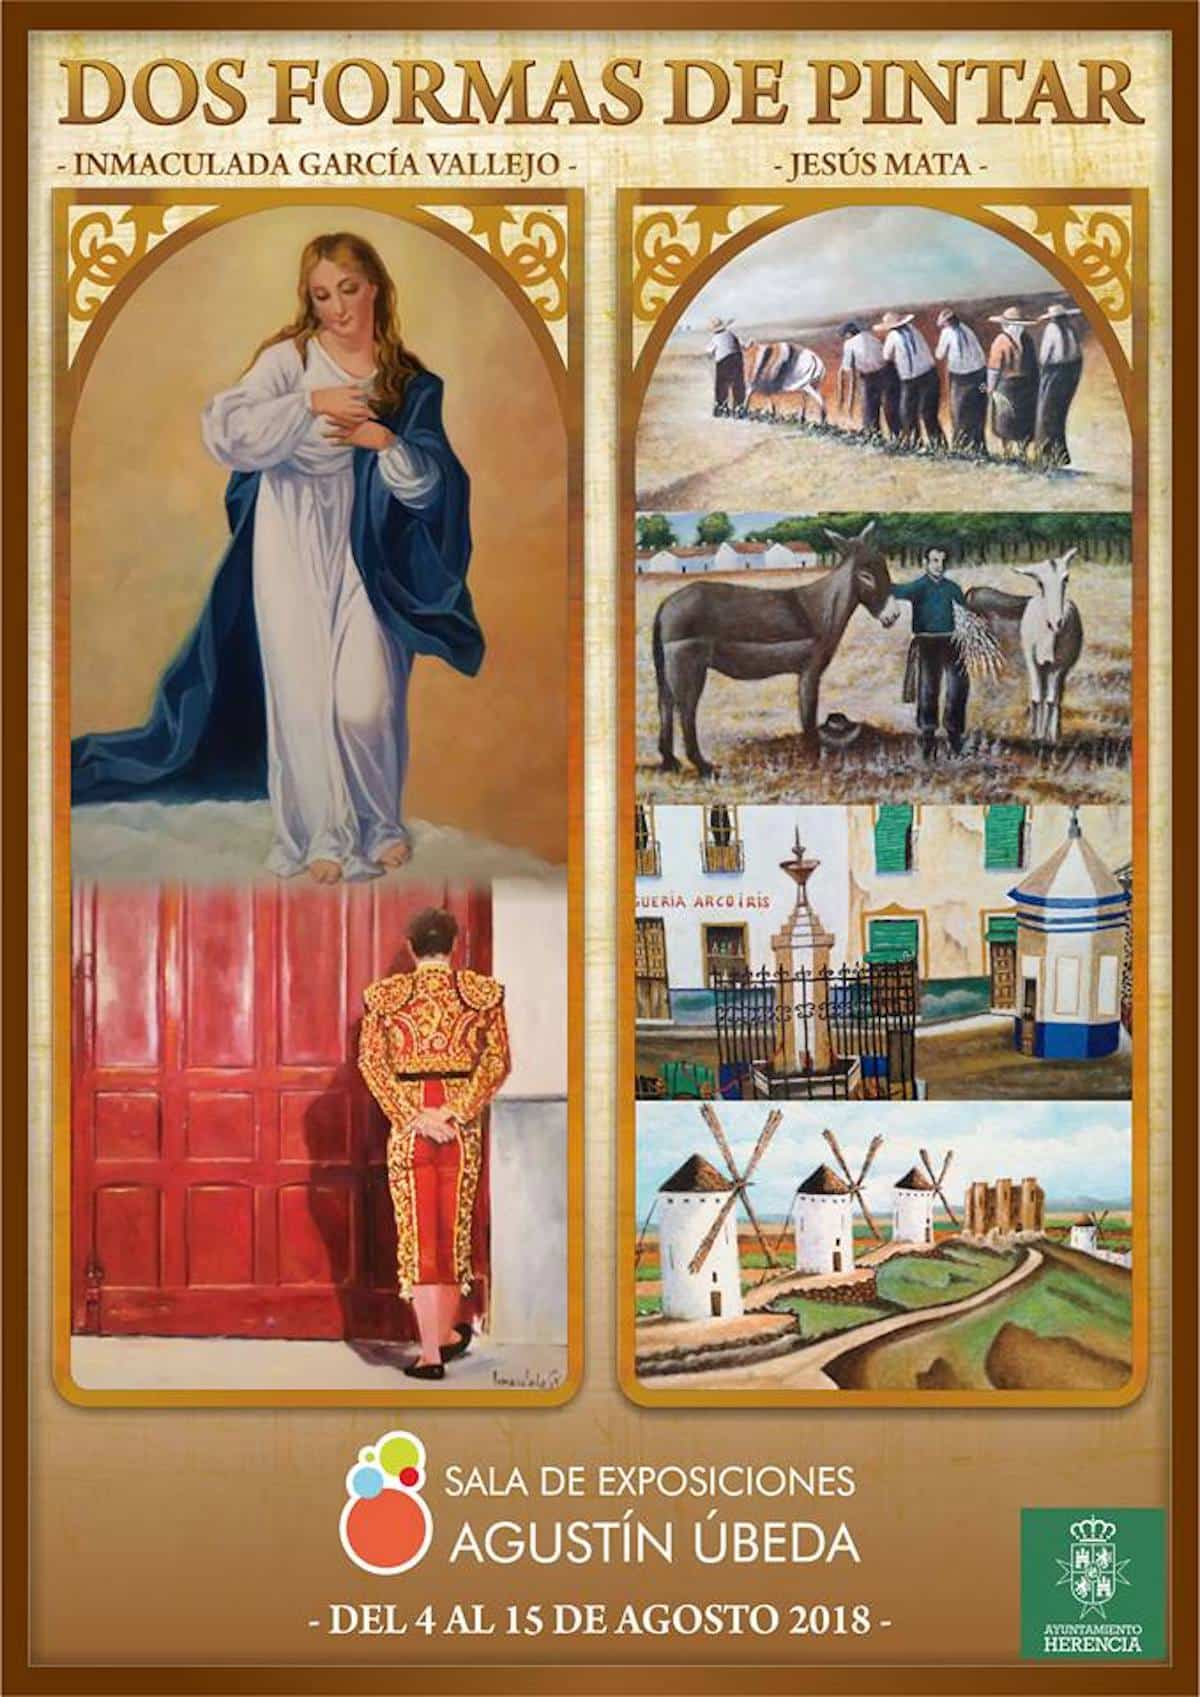 """exposicion dos formas de pintar herencia - Inauguración de la exposición """"Dos formas de pintar"""" el sábado 4 de agosto"""